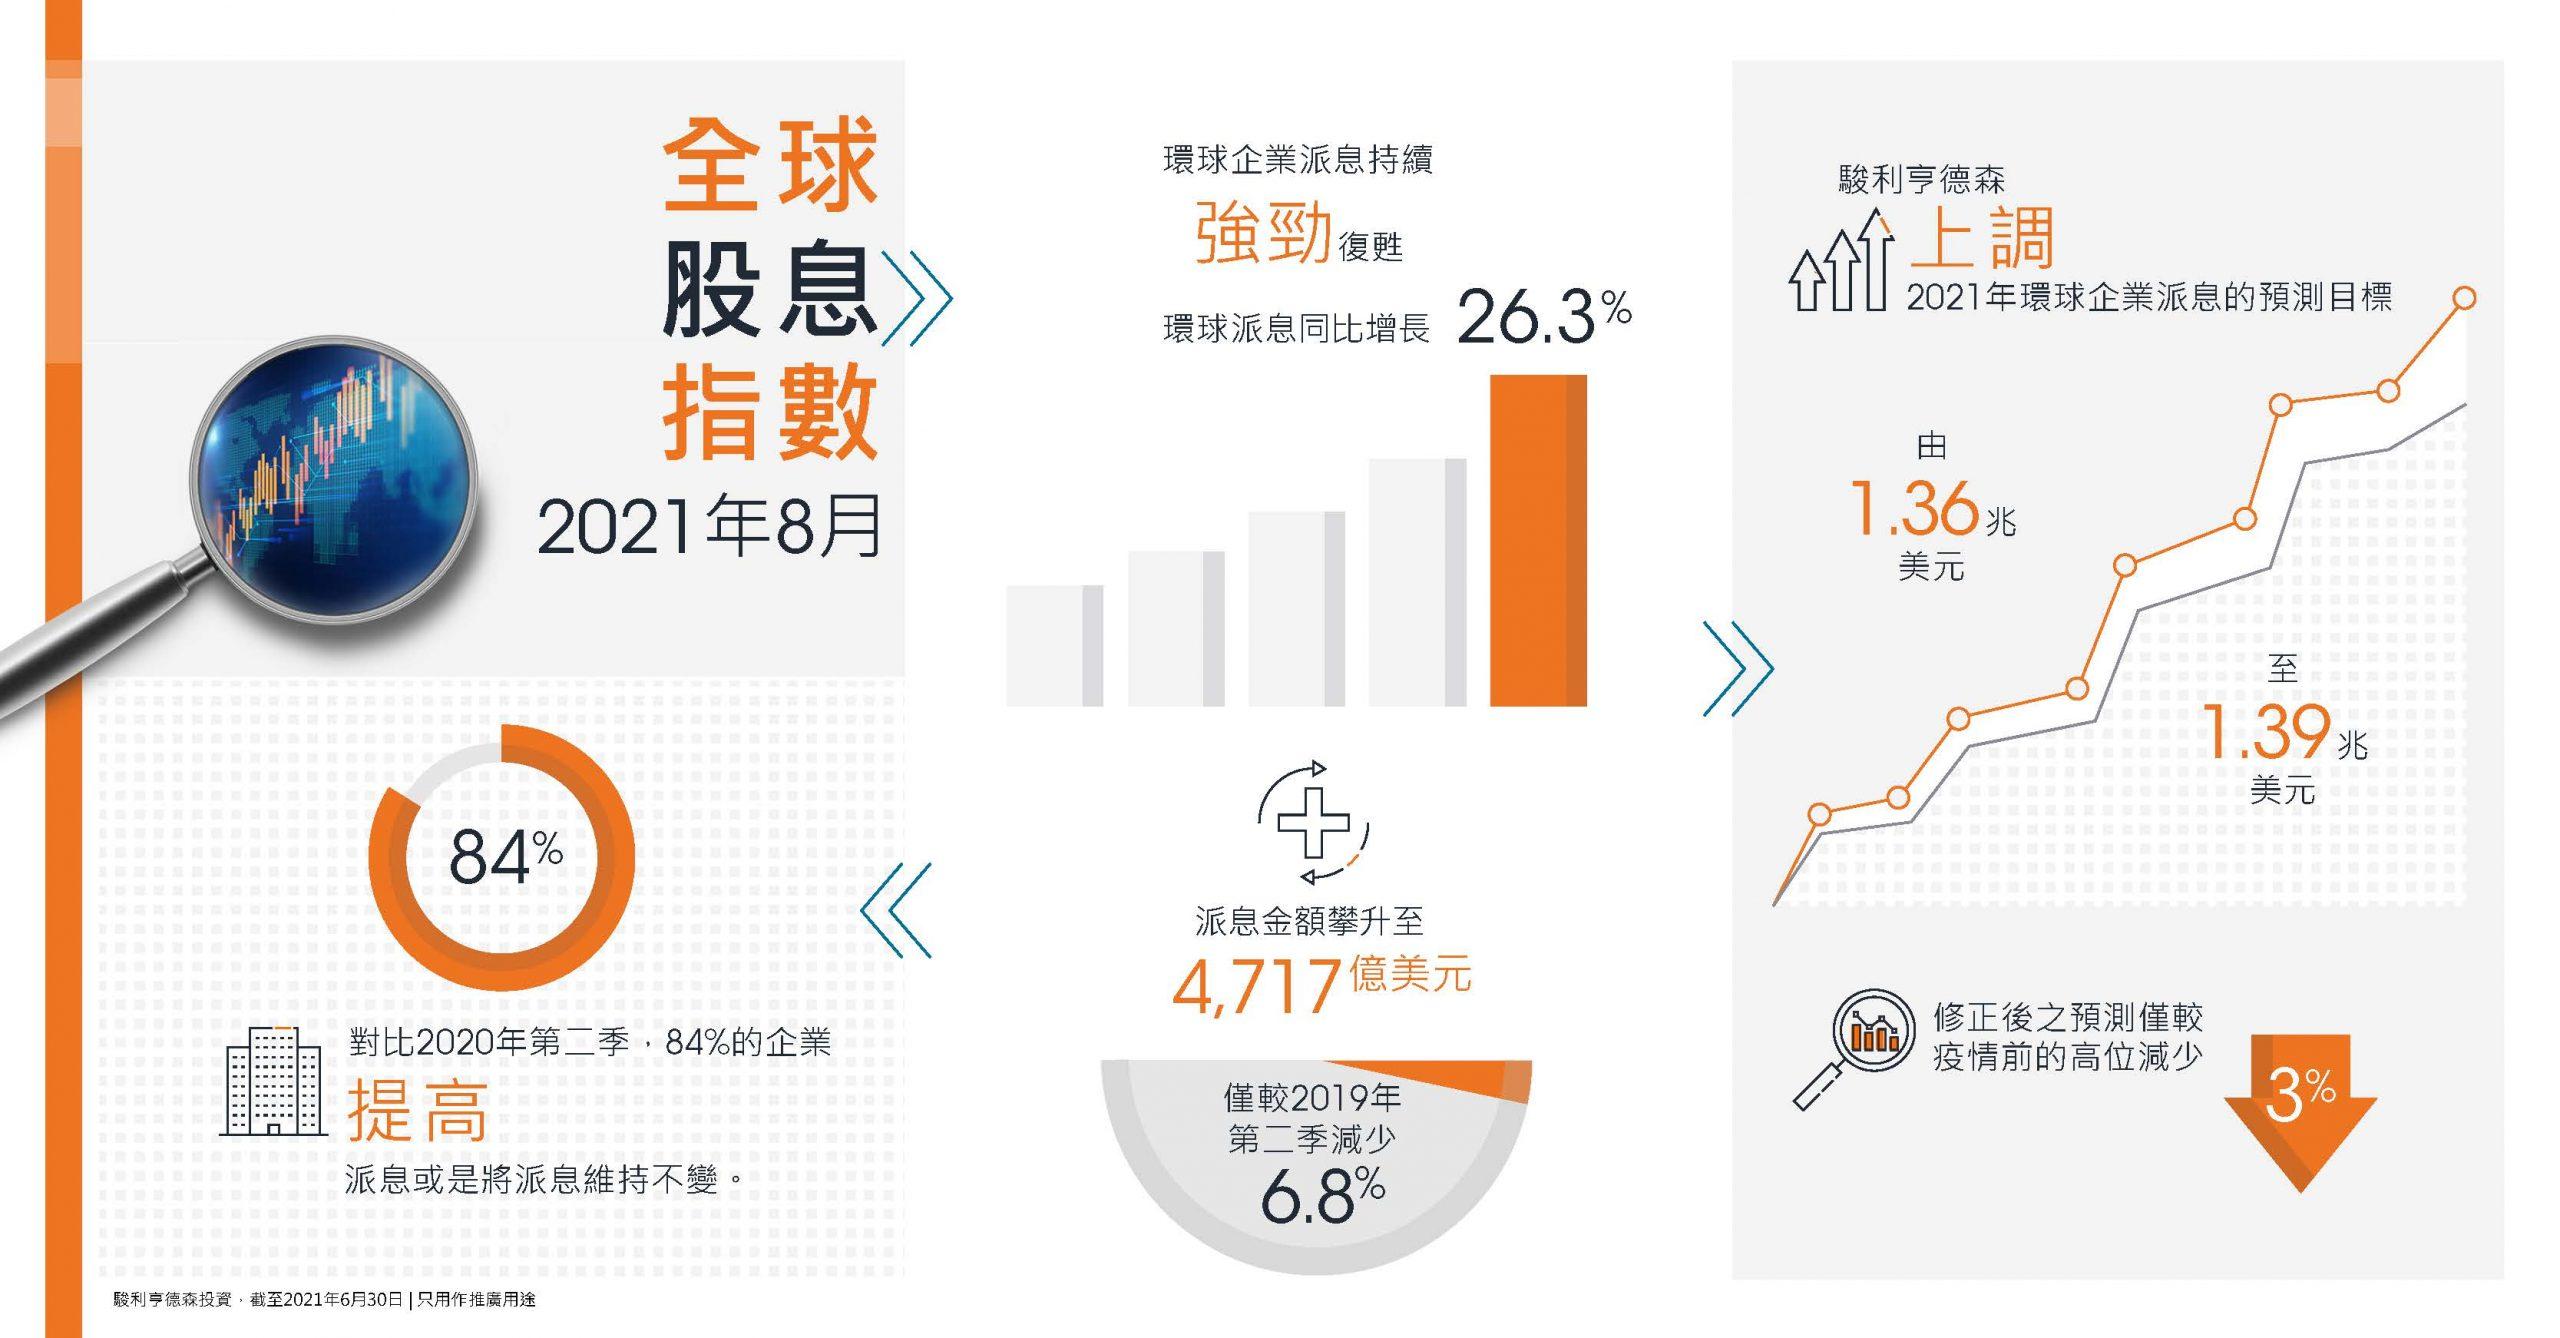 H048712_0721_Infographic_JHGDI_V6 chi